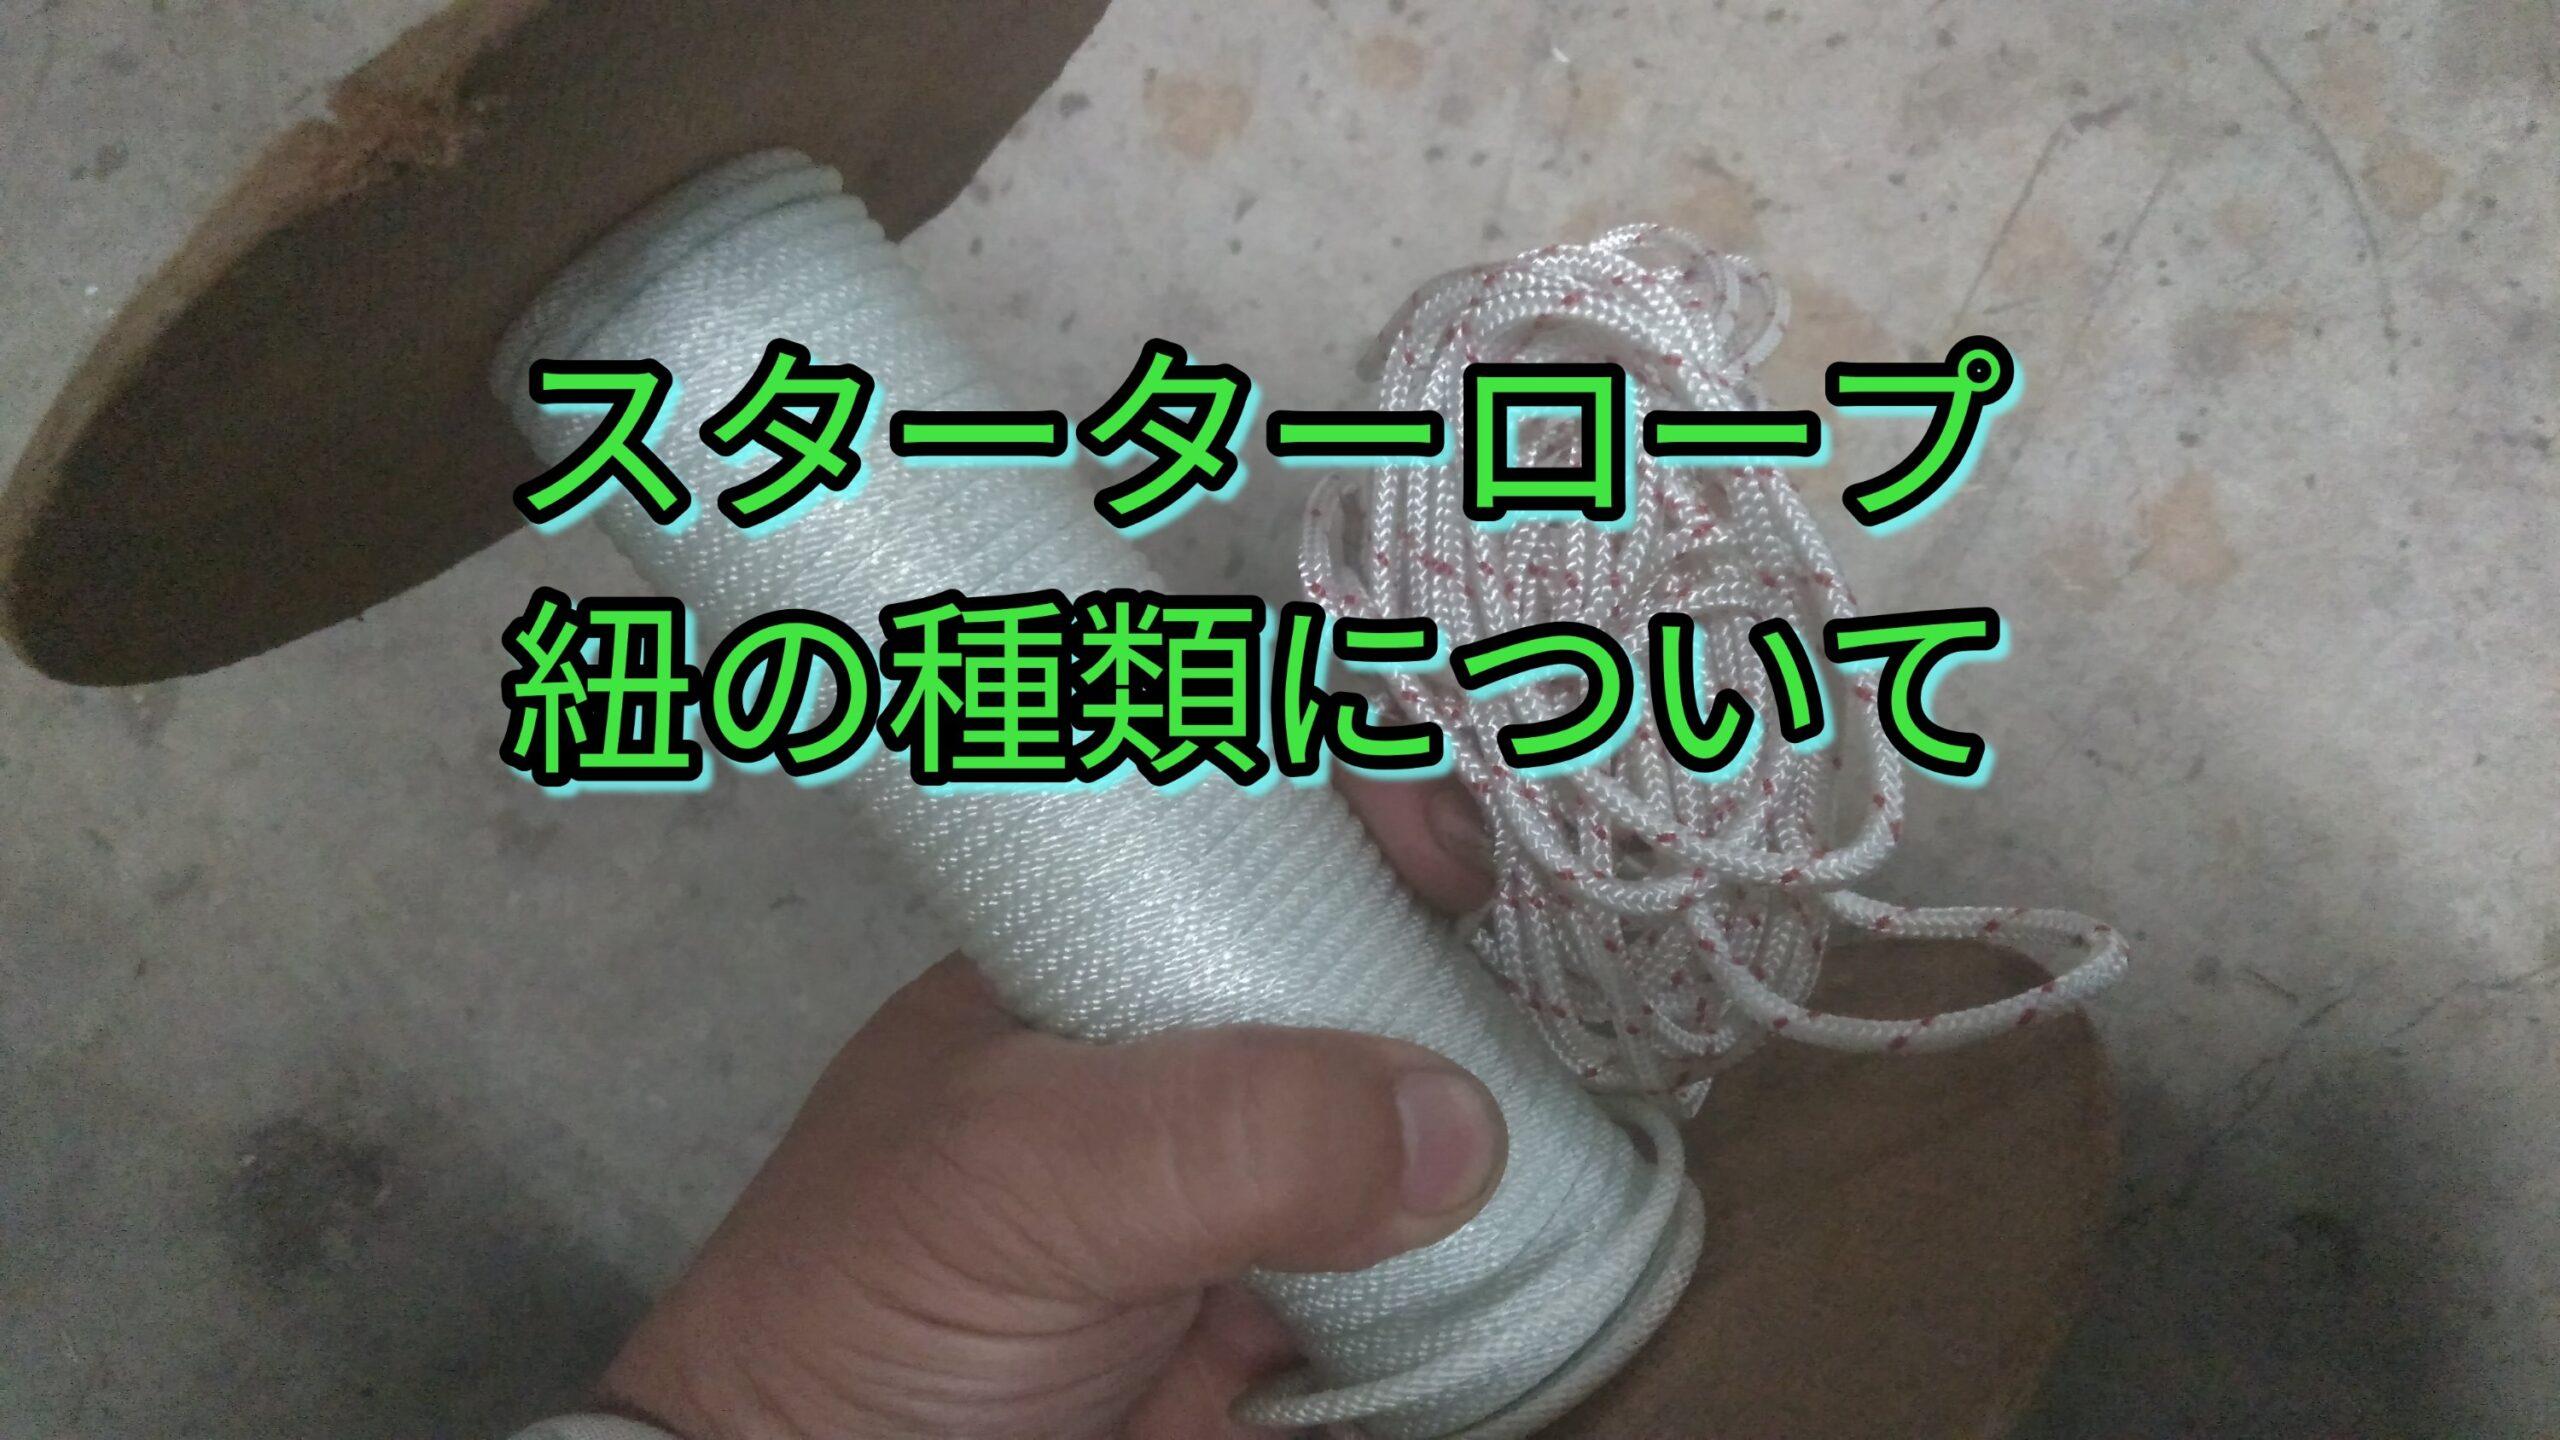 スターターロープの紐について